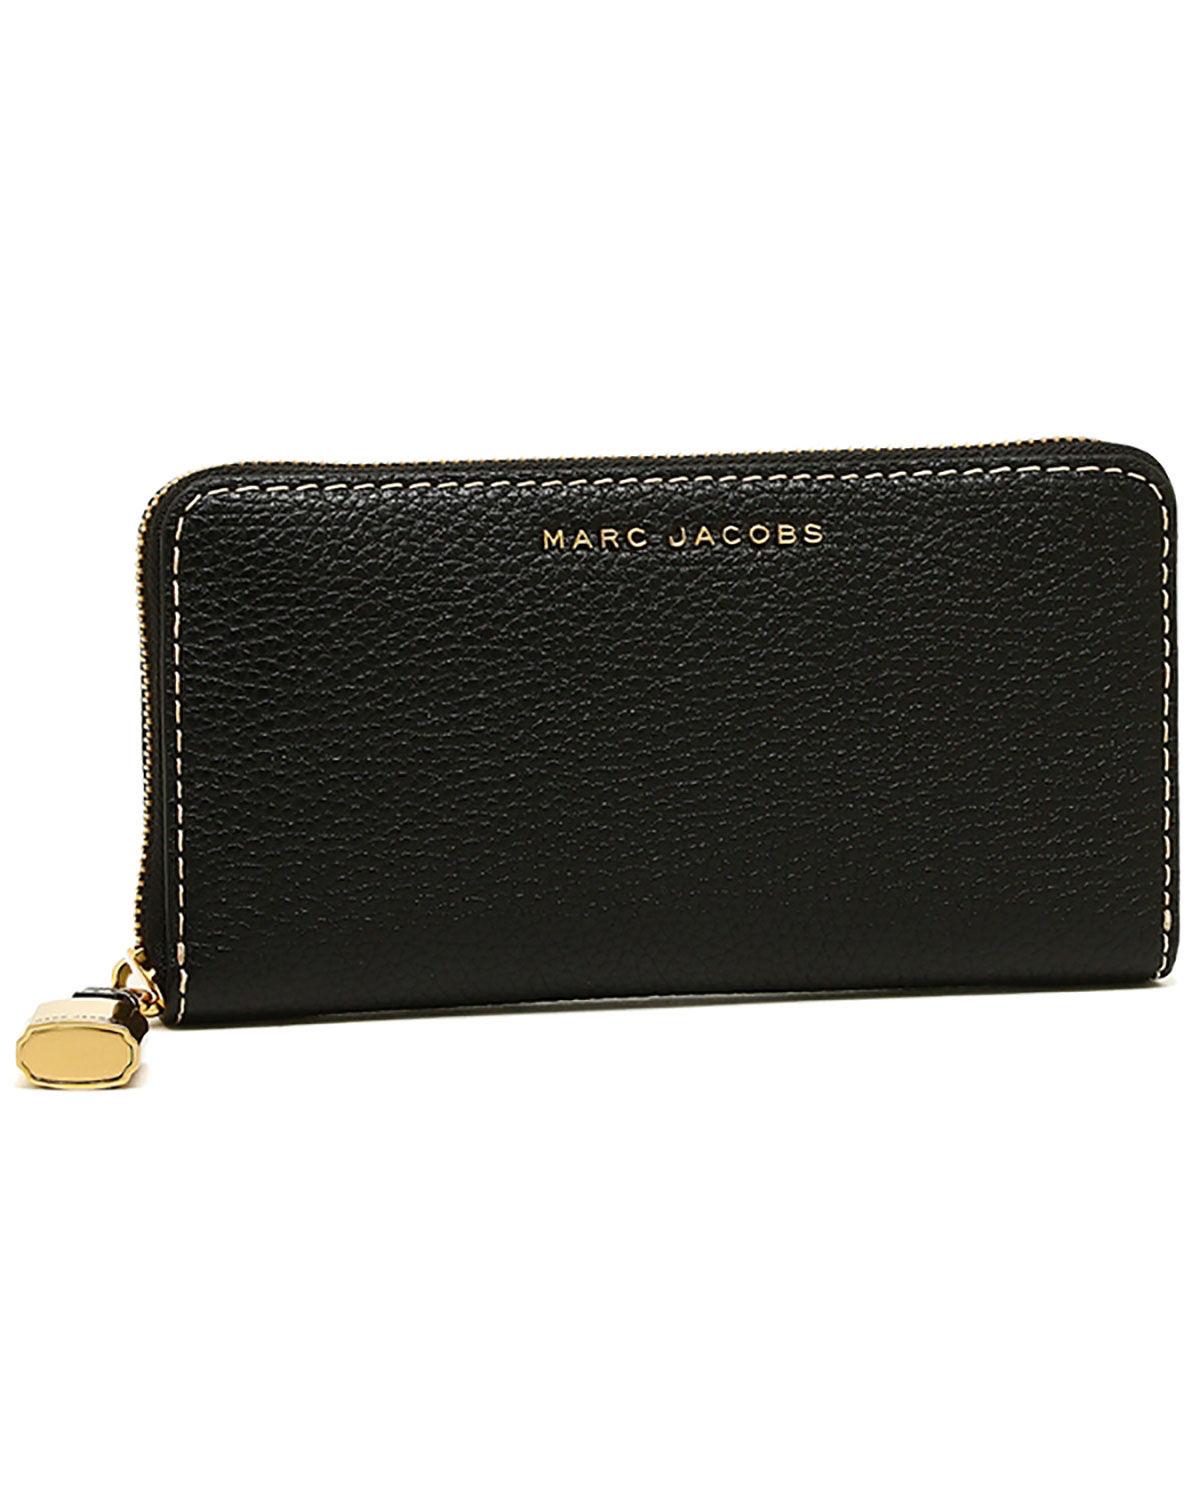 Kožená peněženka s logem MARC JACOBS – Kup teď! Nejlepší ceny a recenze!  Obchod Moliera2.cz. 439cdbcc51